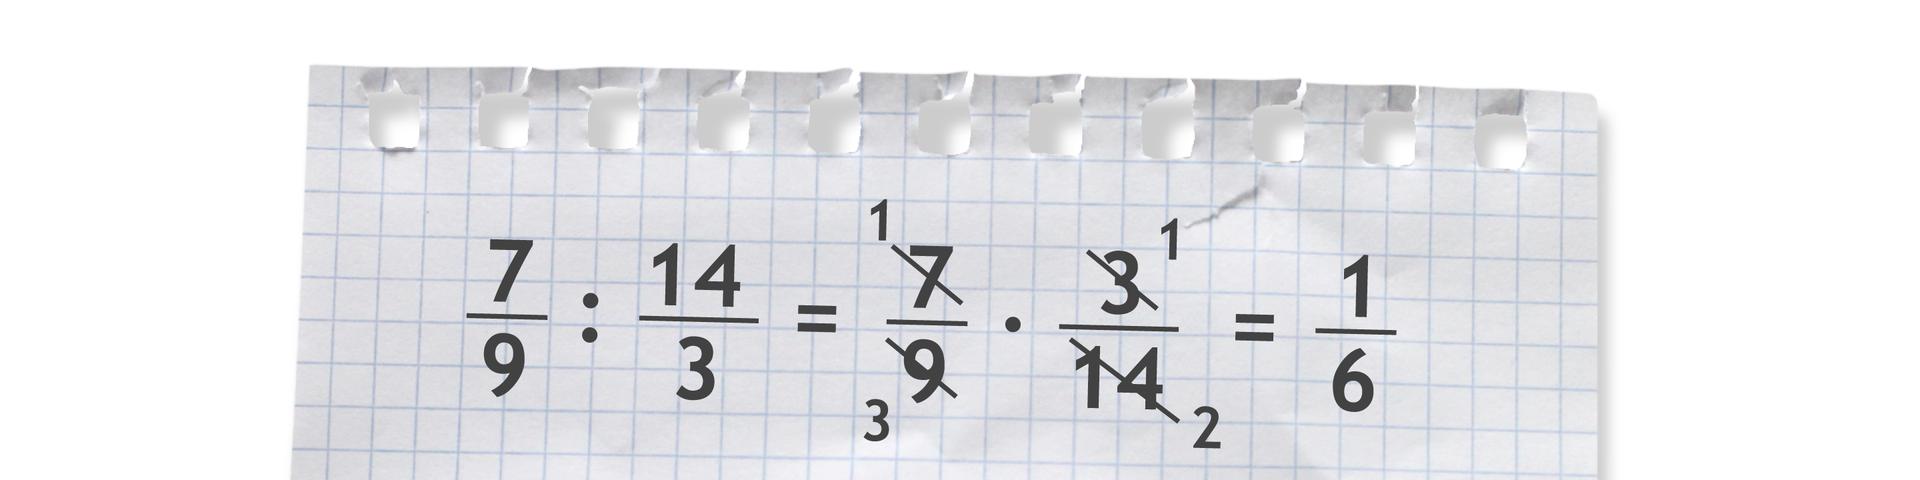 Przykład: siedem dziewiątych dzielone przez czternaście trzecich równa się siedem dziewiątych razy trzy czternaste równa się jedna szósta.